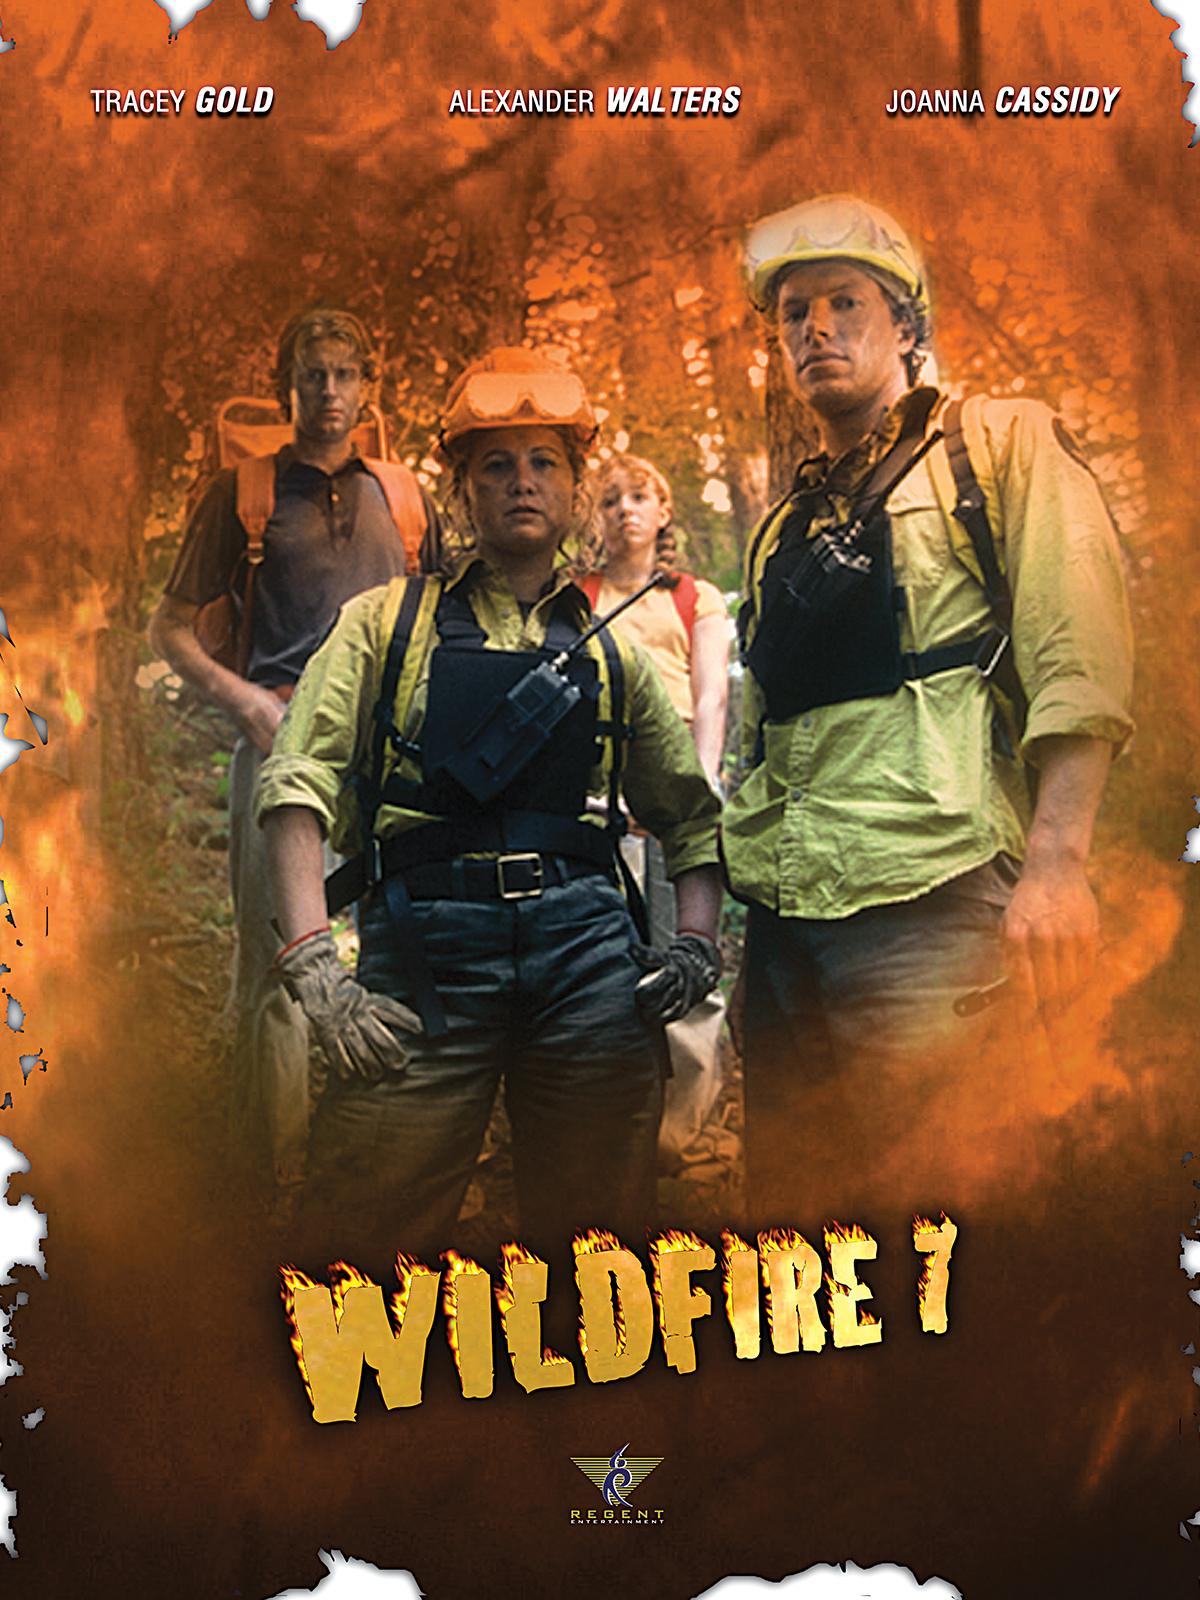 Here-Wildfire7-Full-Image-en-US.jpg